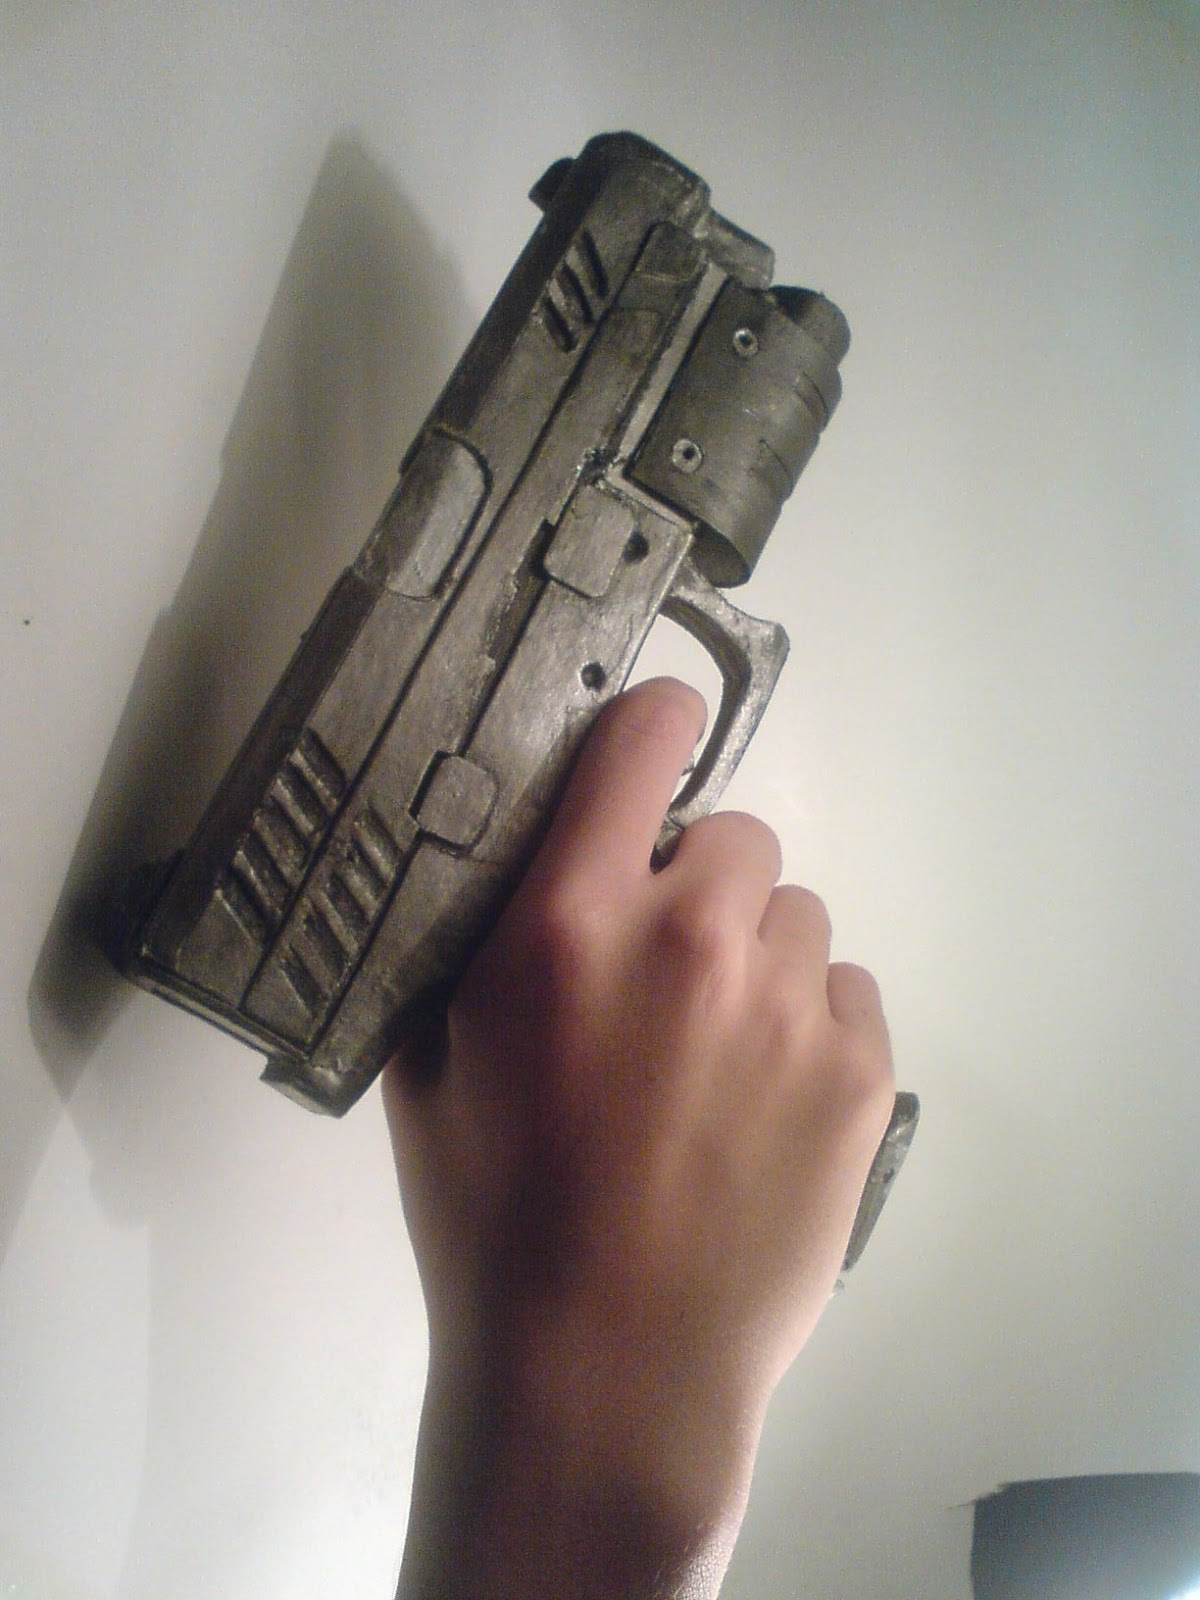 Pistola Blacktail - Resident Evil DSC04527